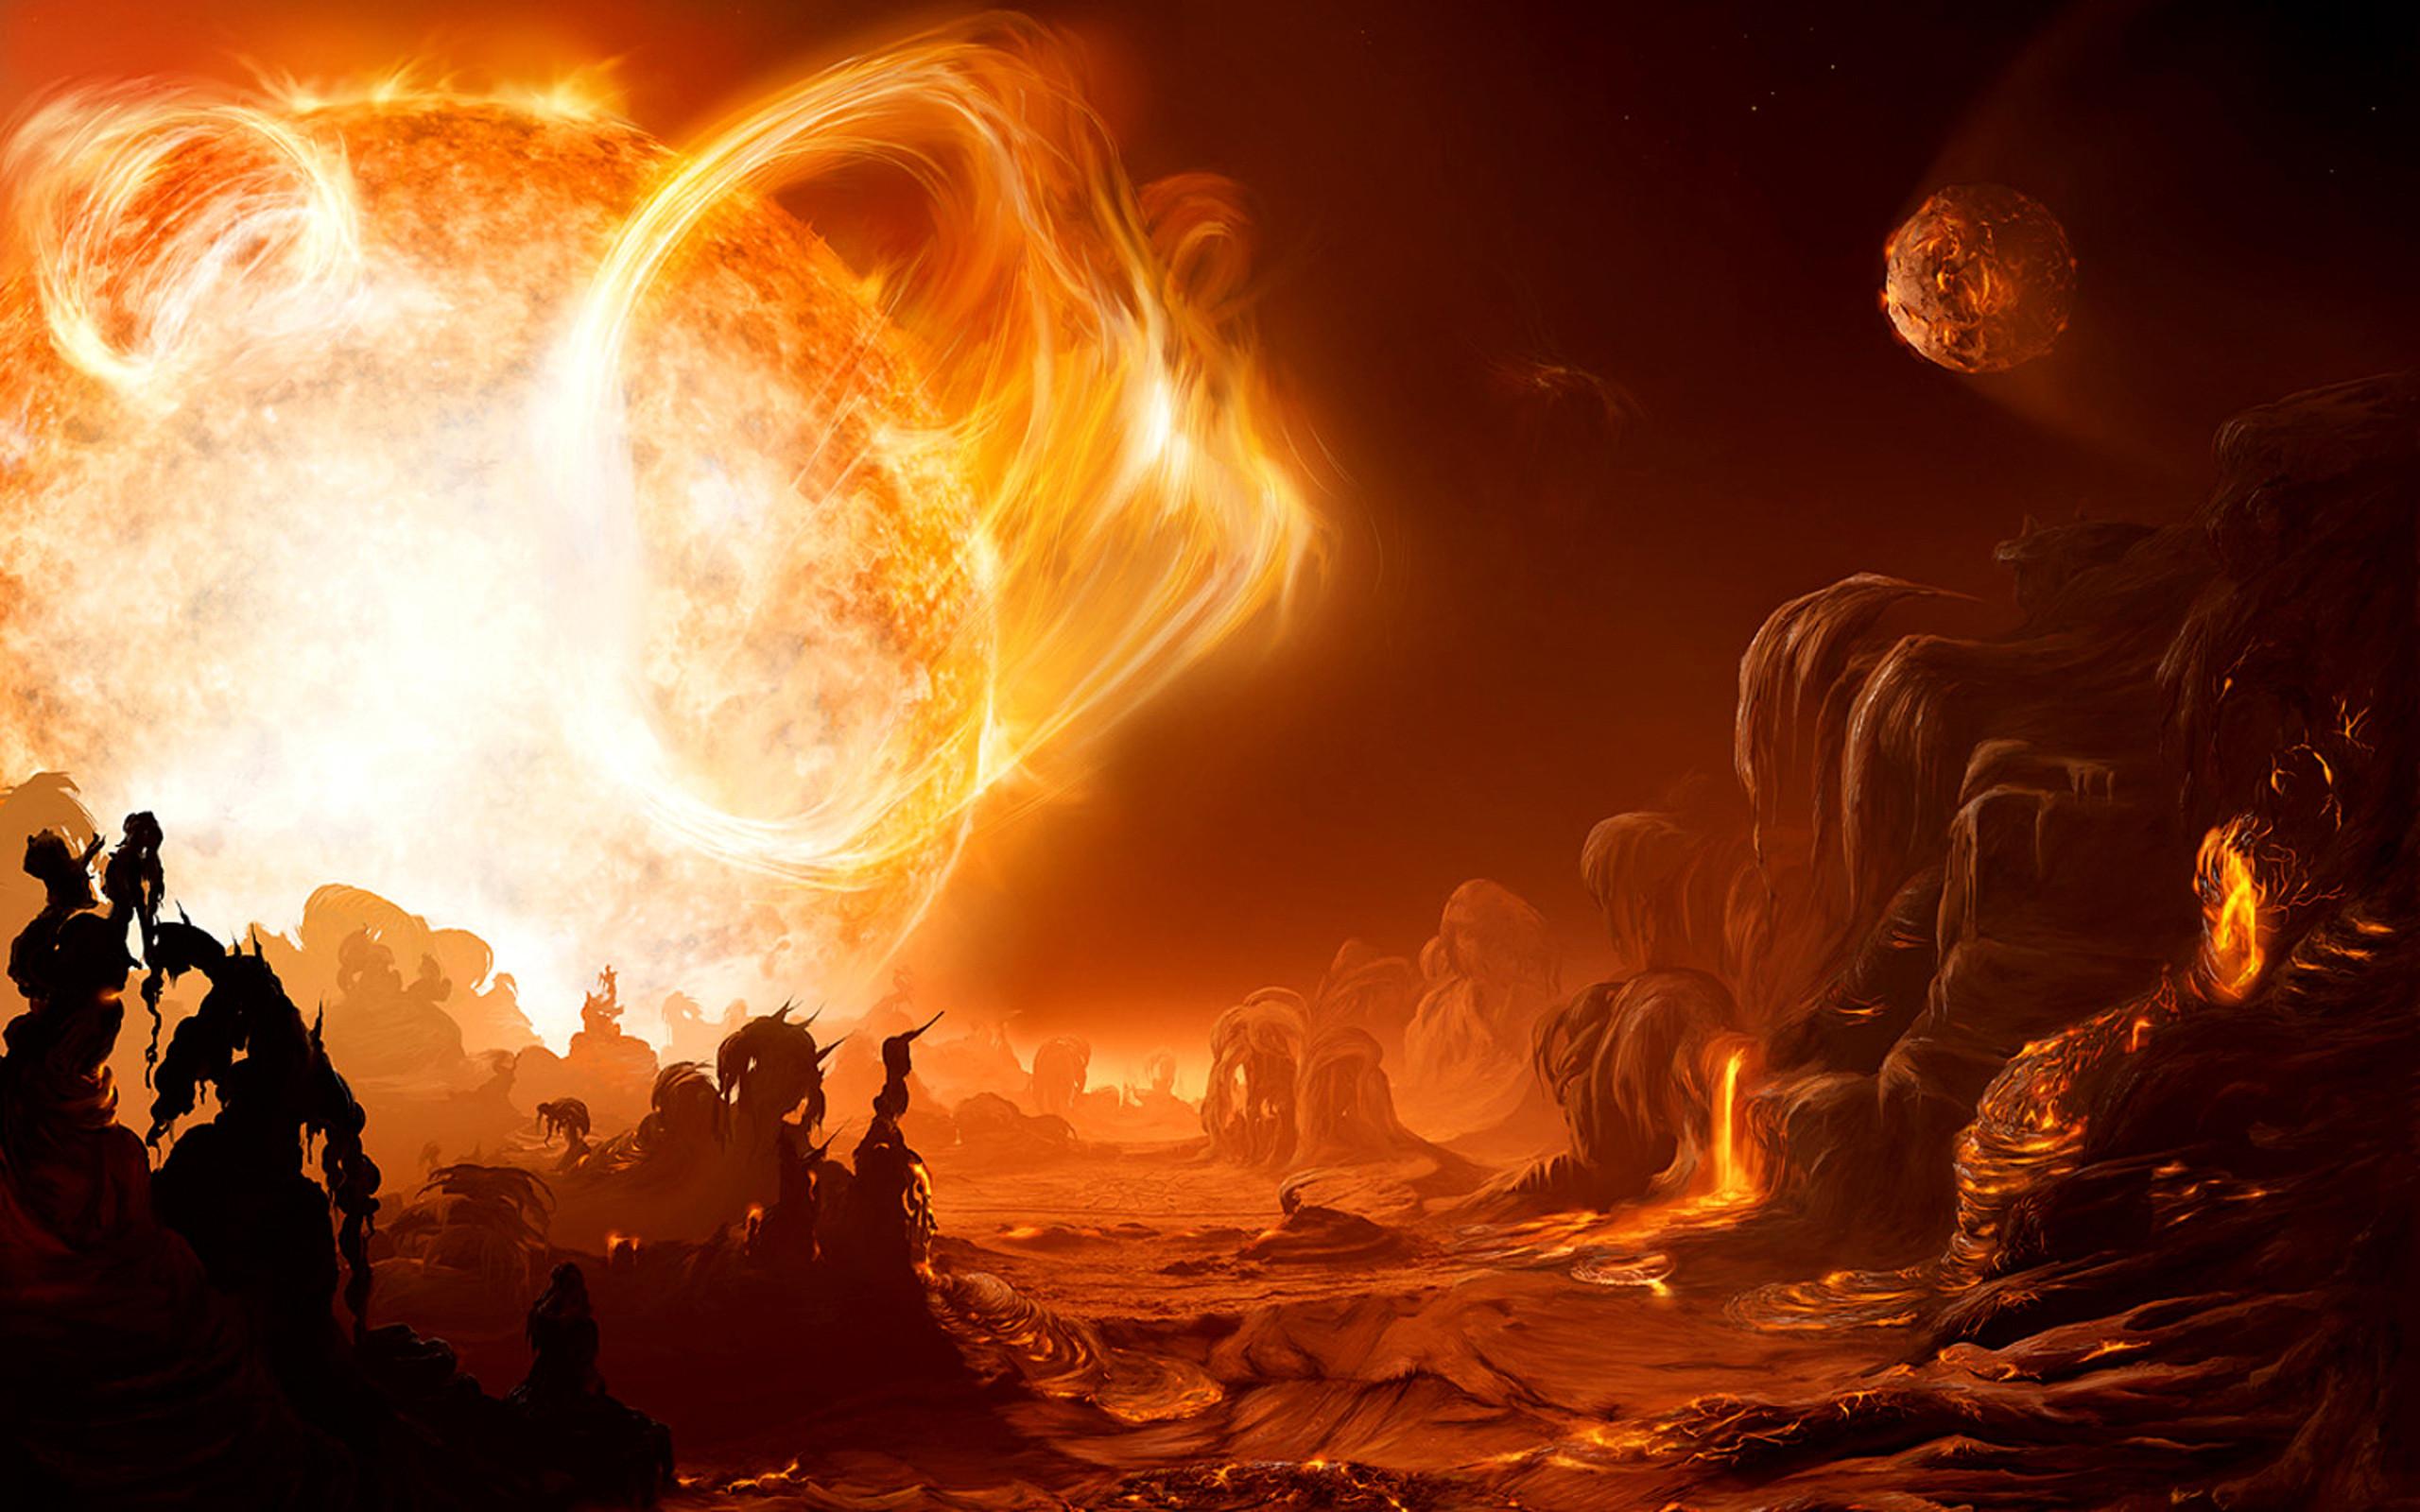 Sci fi science fiction alien landscape art artistic painting cg digital  landscapes fire flames sun hot lava solar space planets bright color  wallpaper …